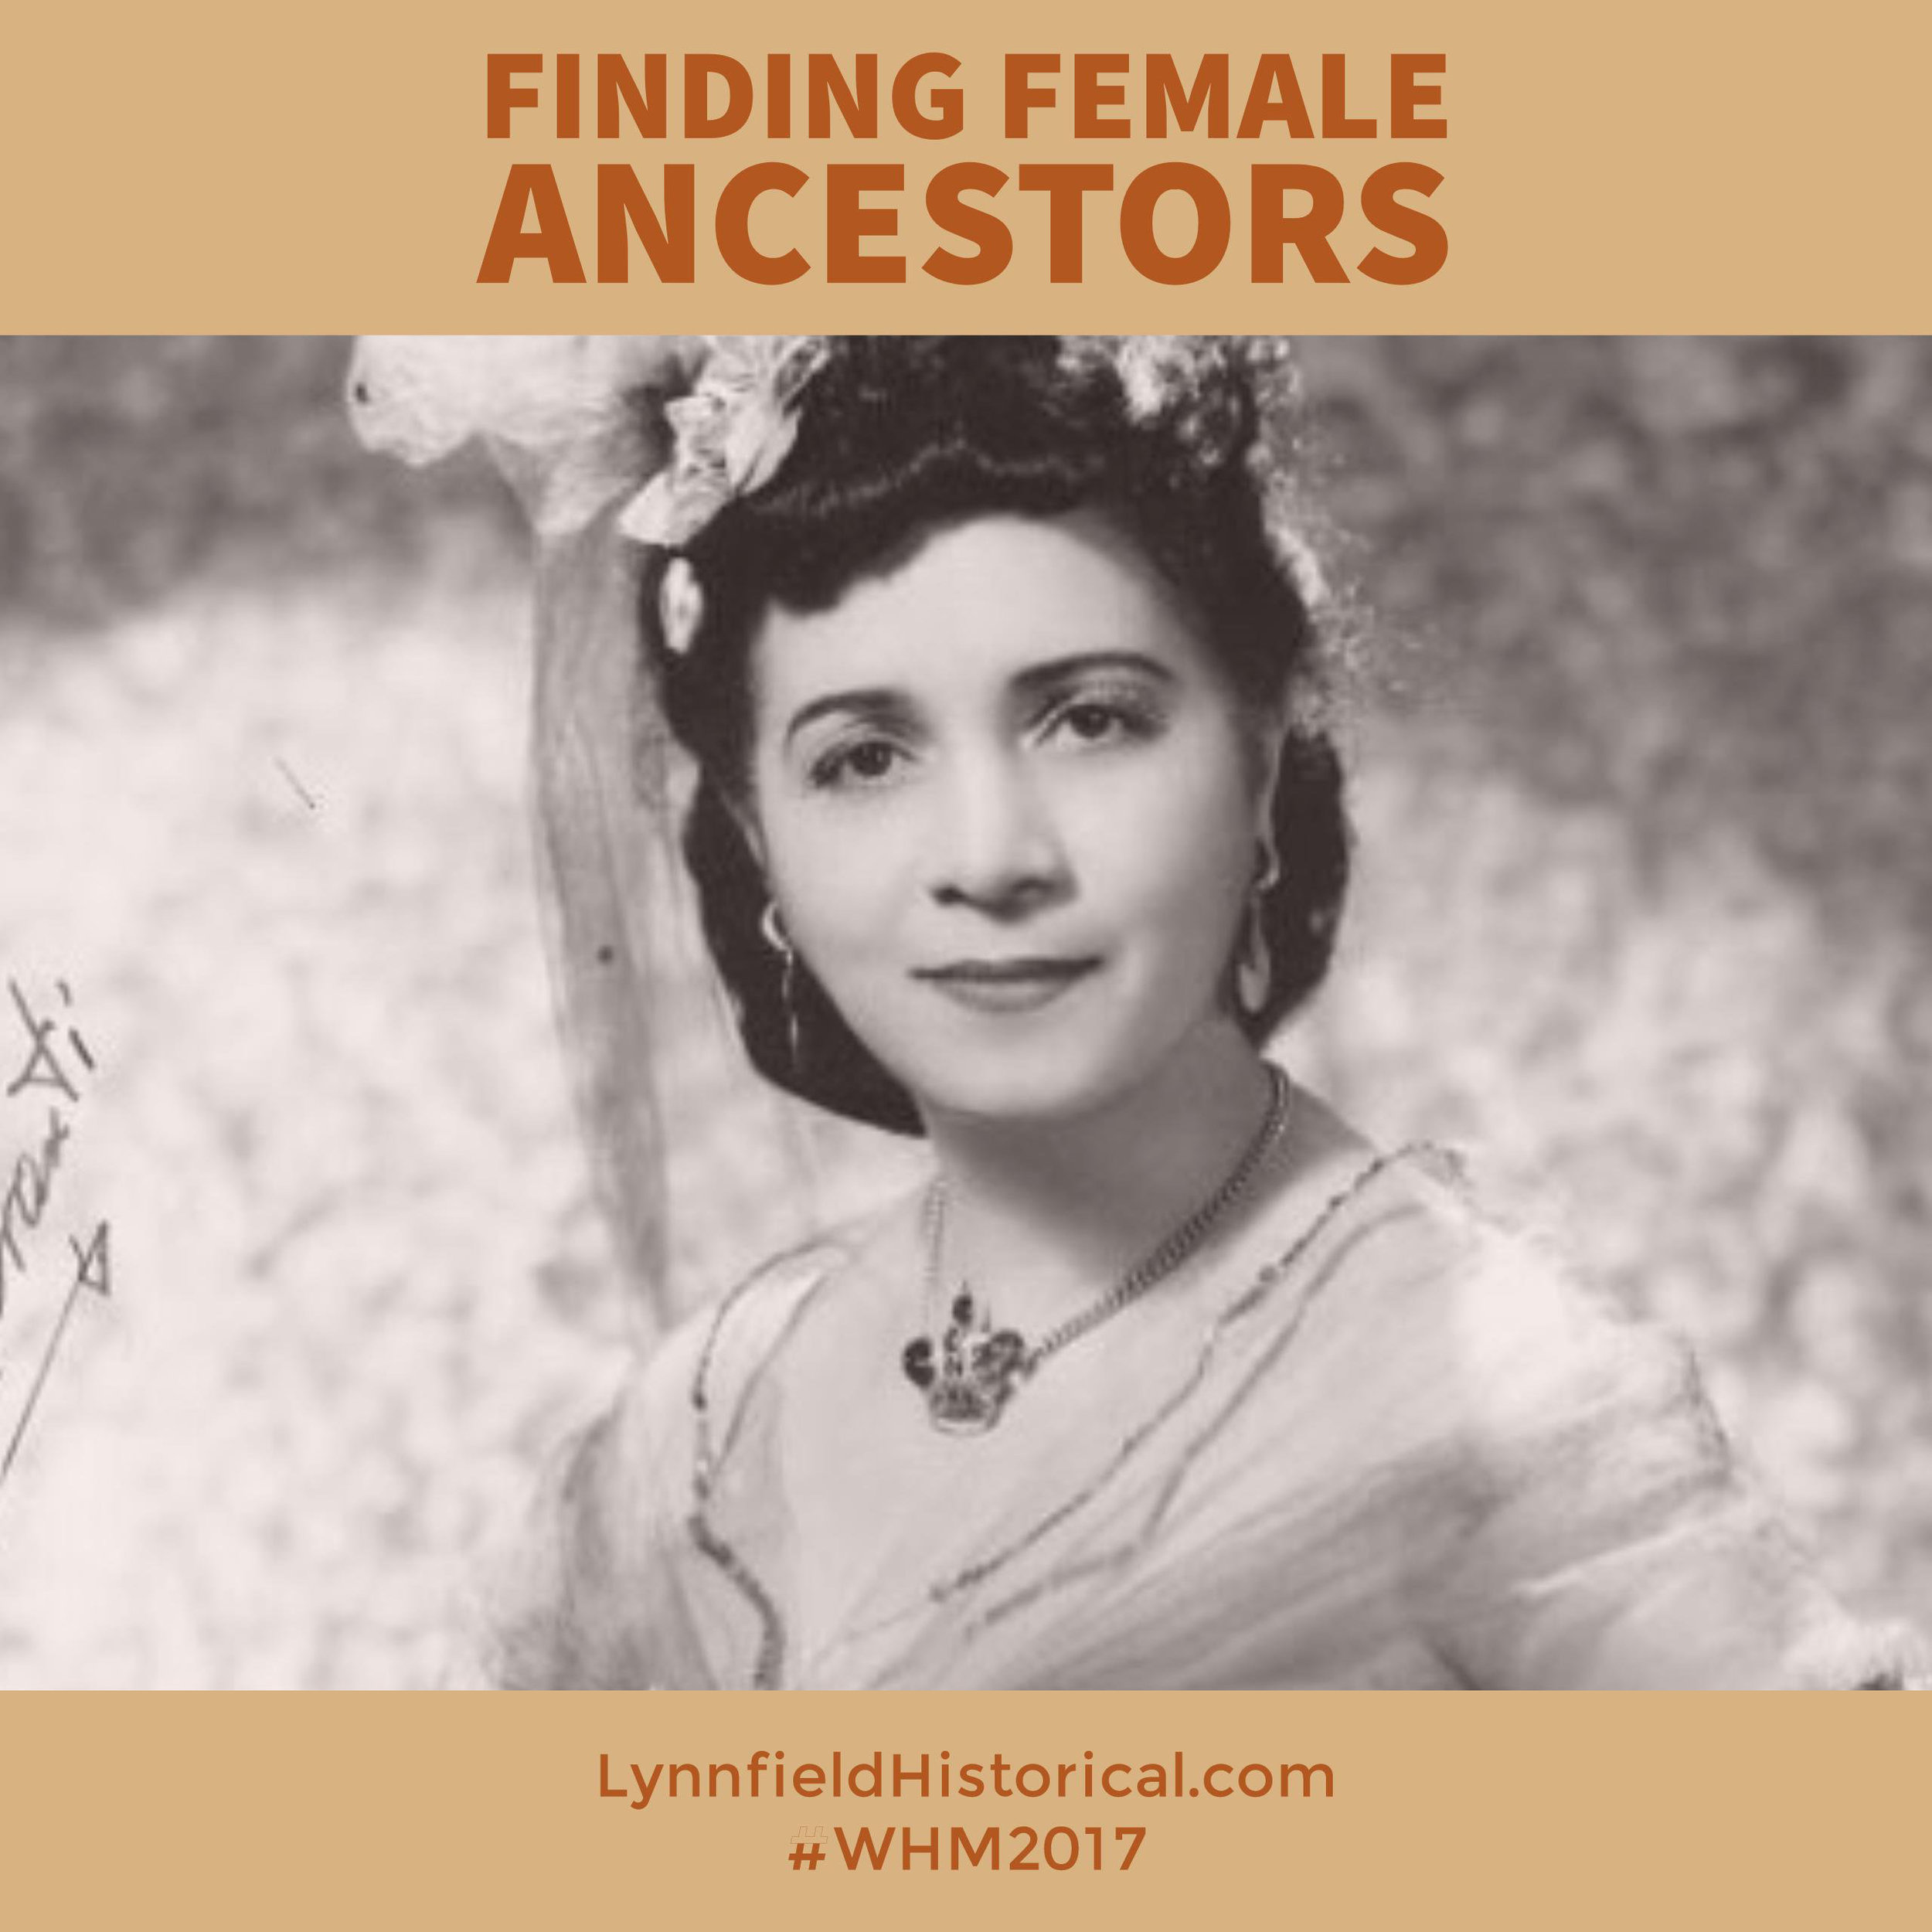 Finding Female Ancestors